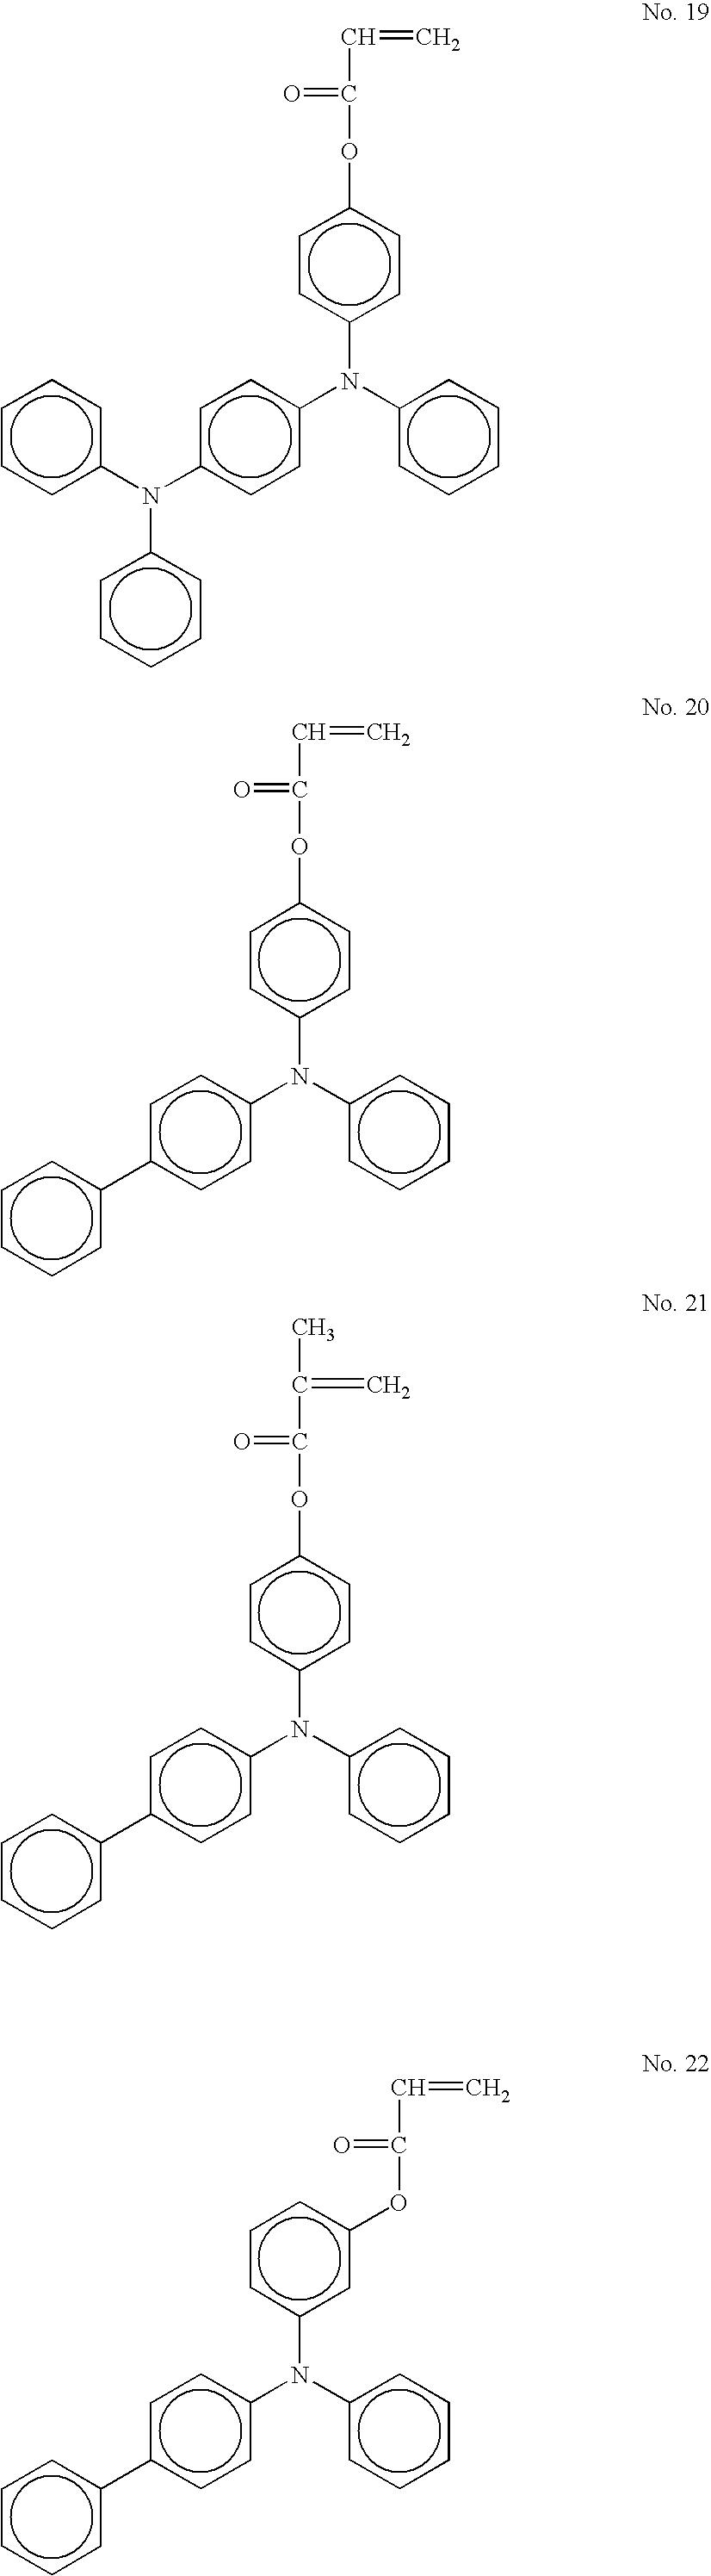 Figure US07361438-20080422-C00016